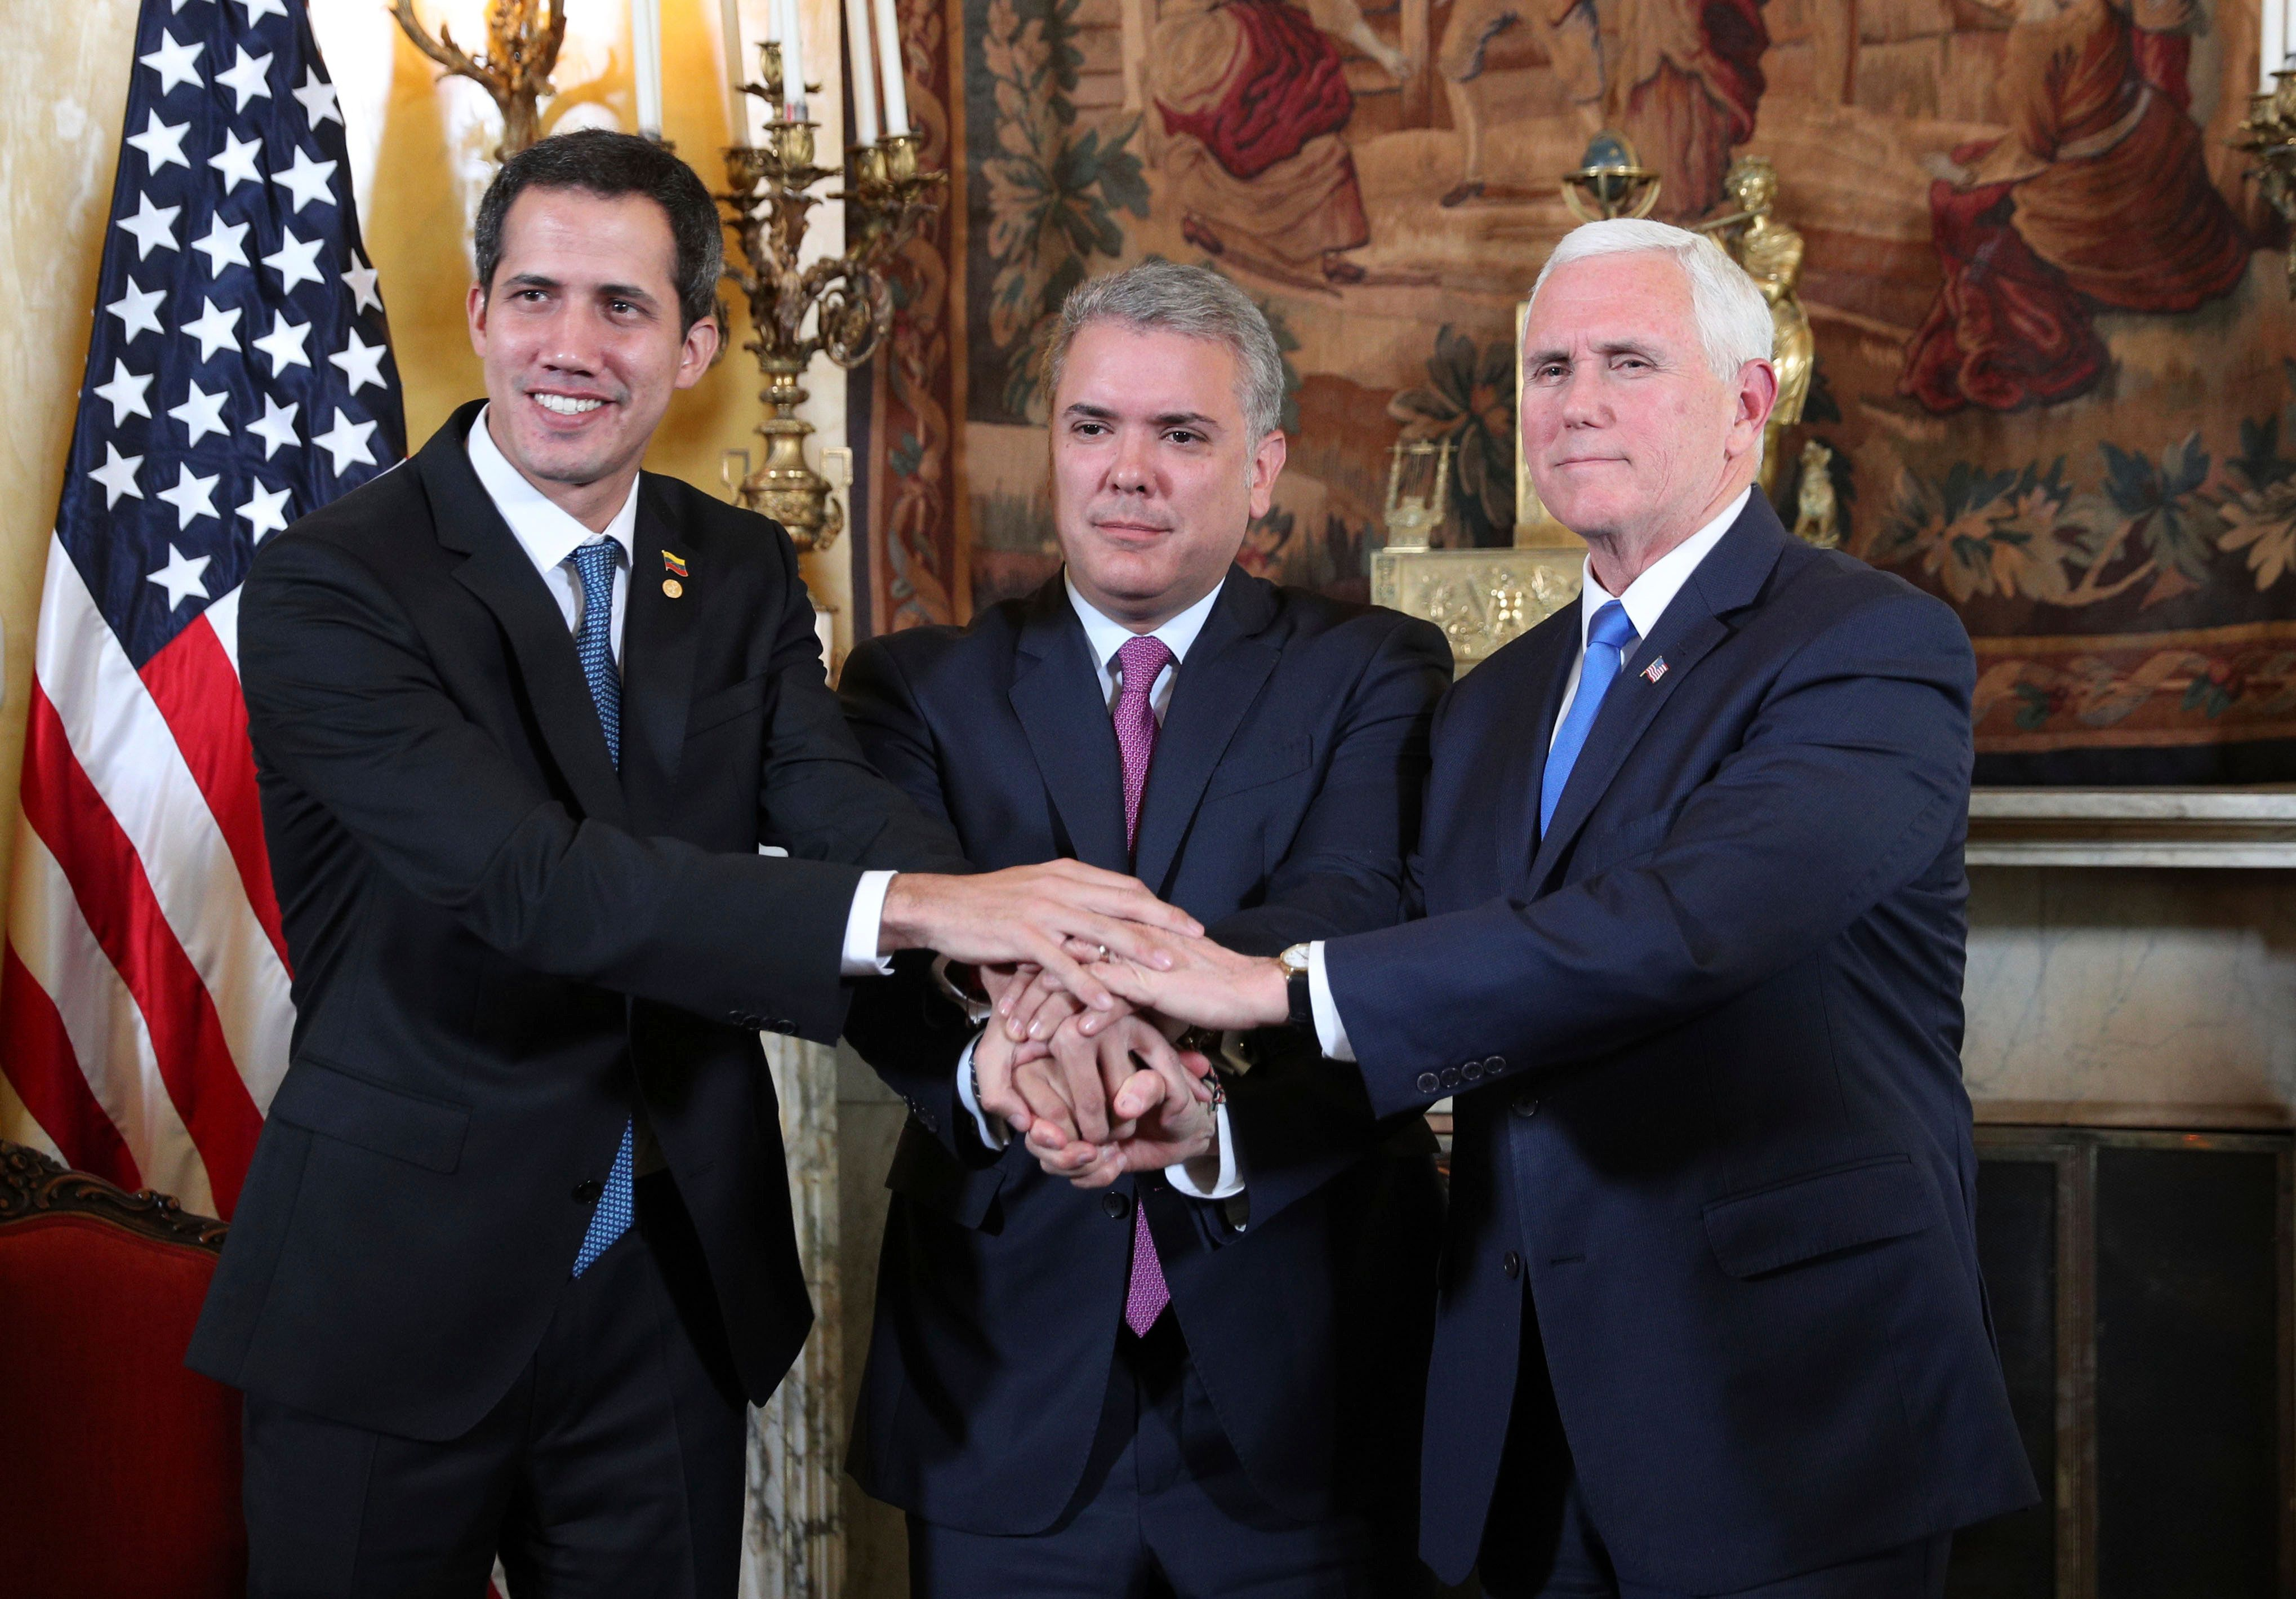 Μείωση 40% μείωση των εξαγωγών πετρελαίου της Βενεζουέλας εξαιτίας της κυρώσεων